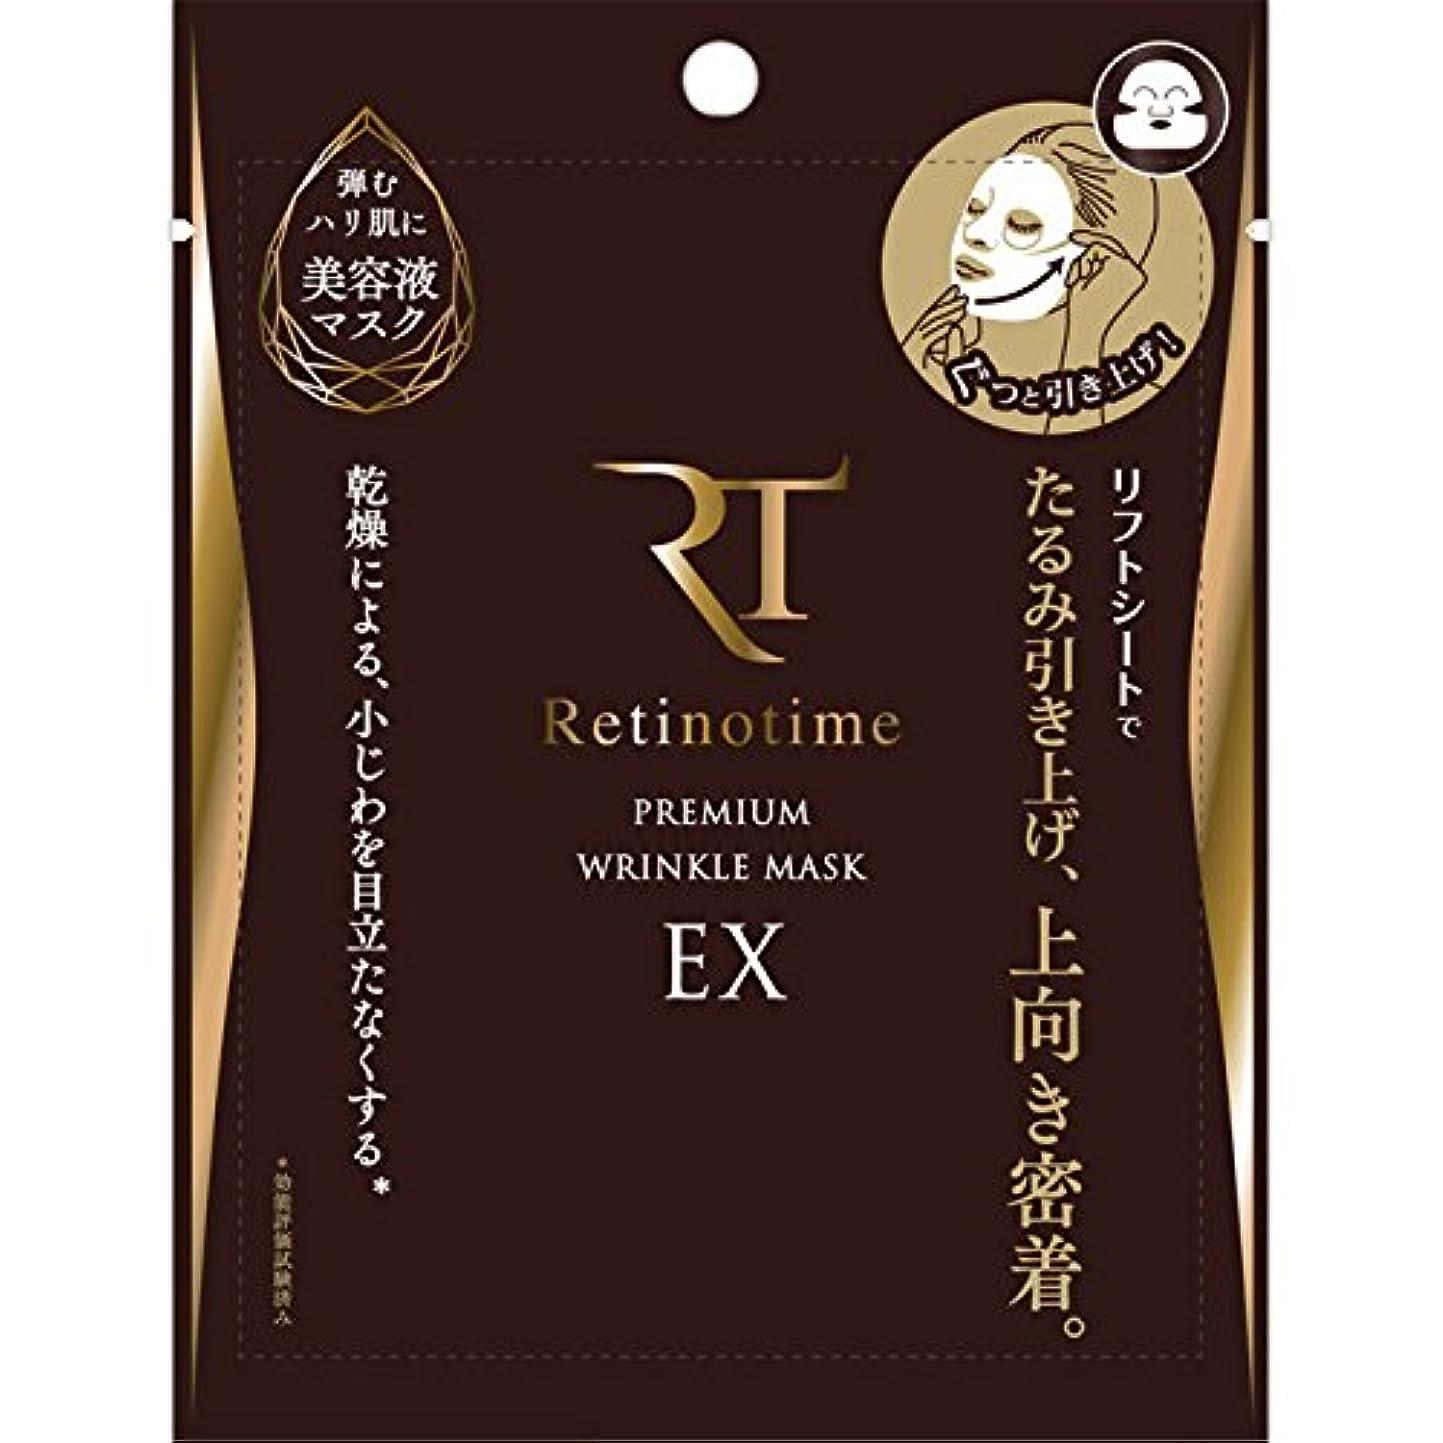 ビバ凝縮する工業用レチノタイム プレミアムリンクルマスク EX 1枚【26ml】